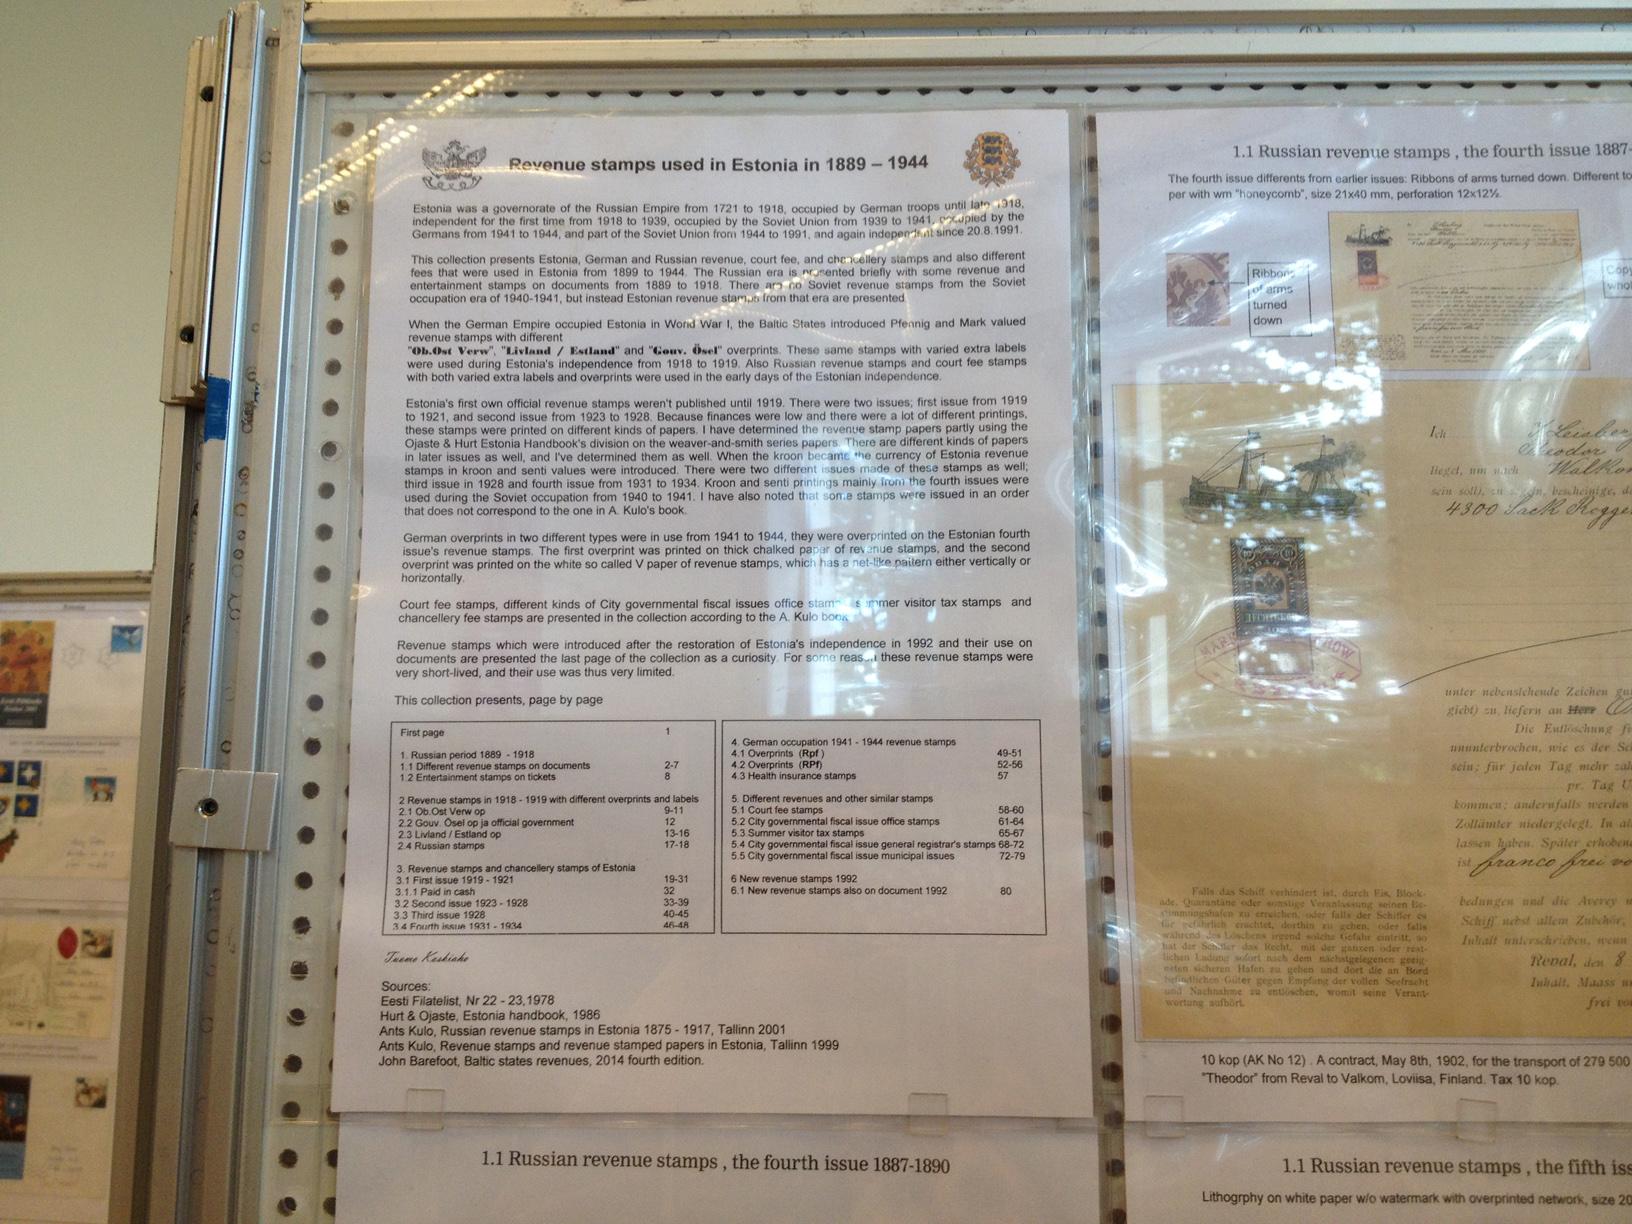 Стенд «Гербовые марки Эстонии» на выставке